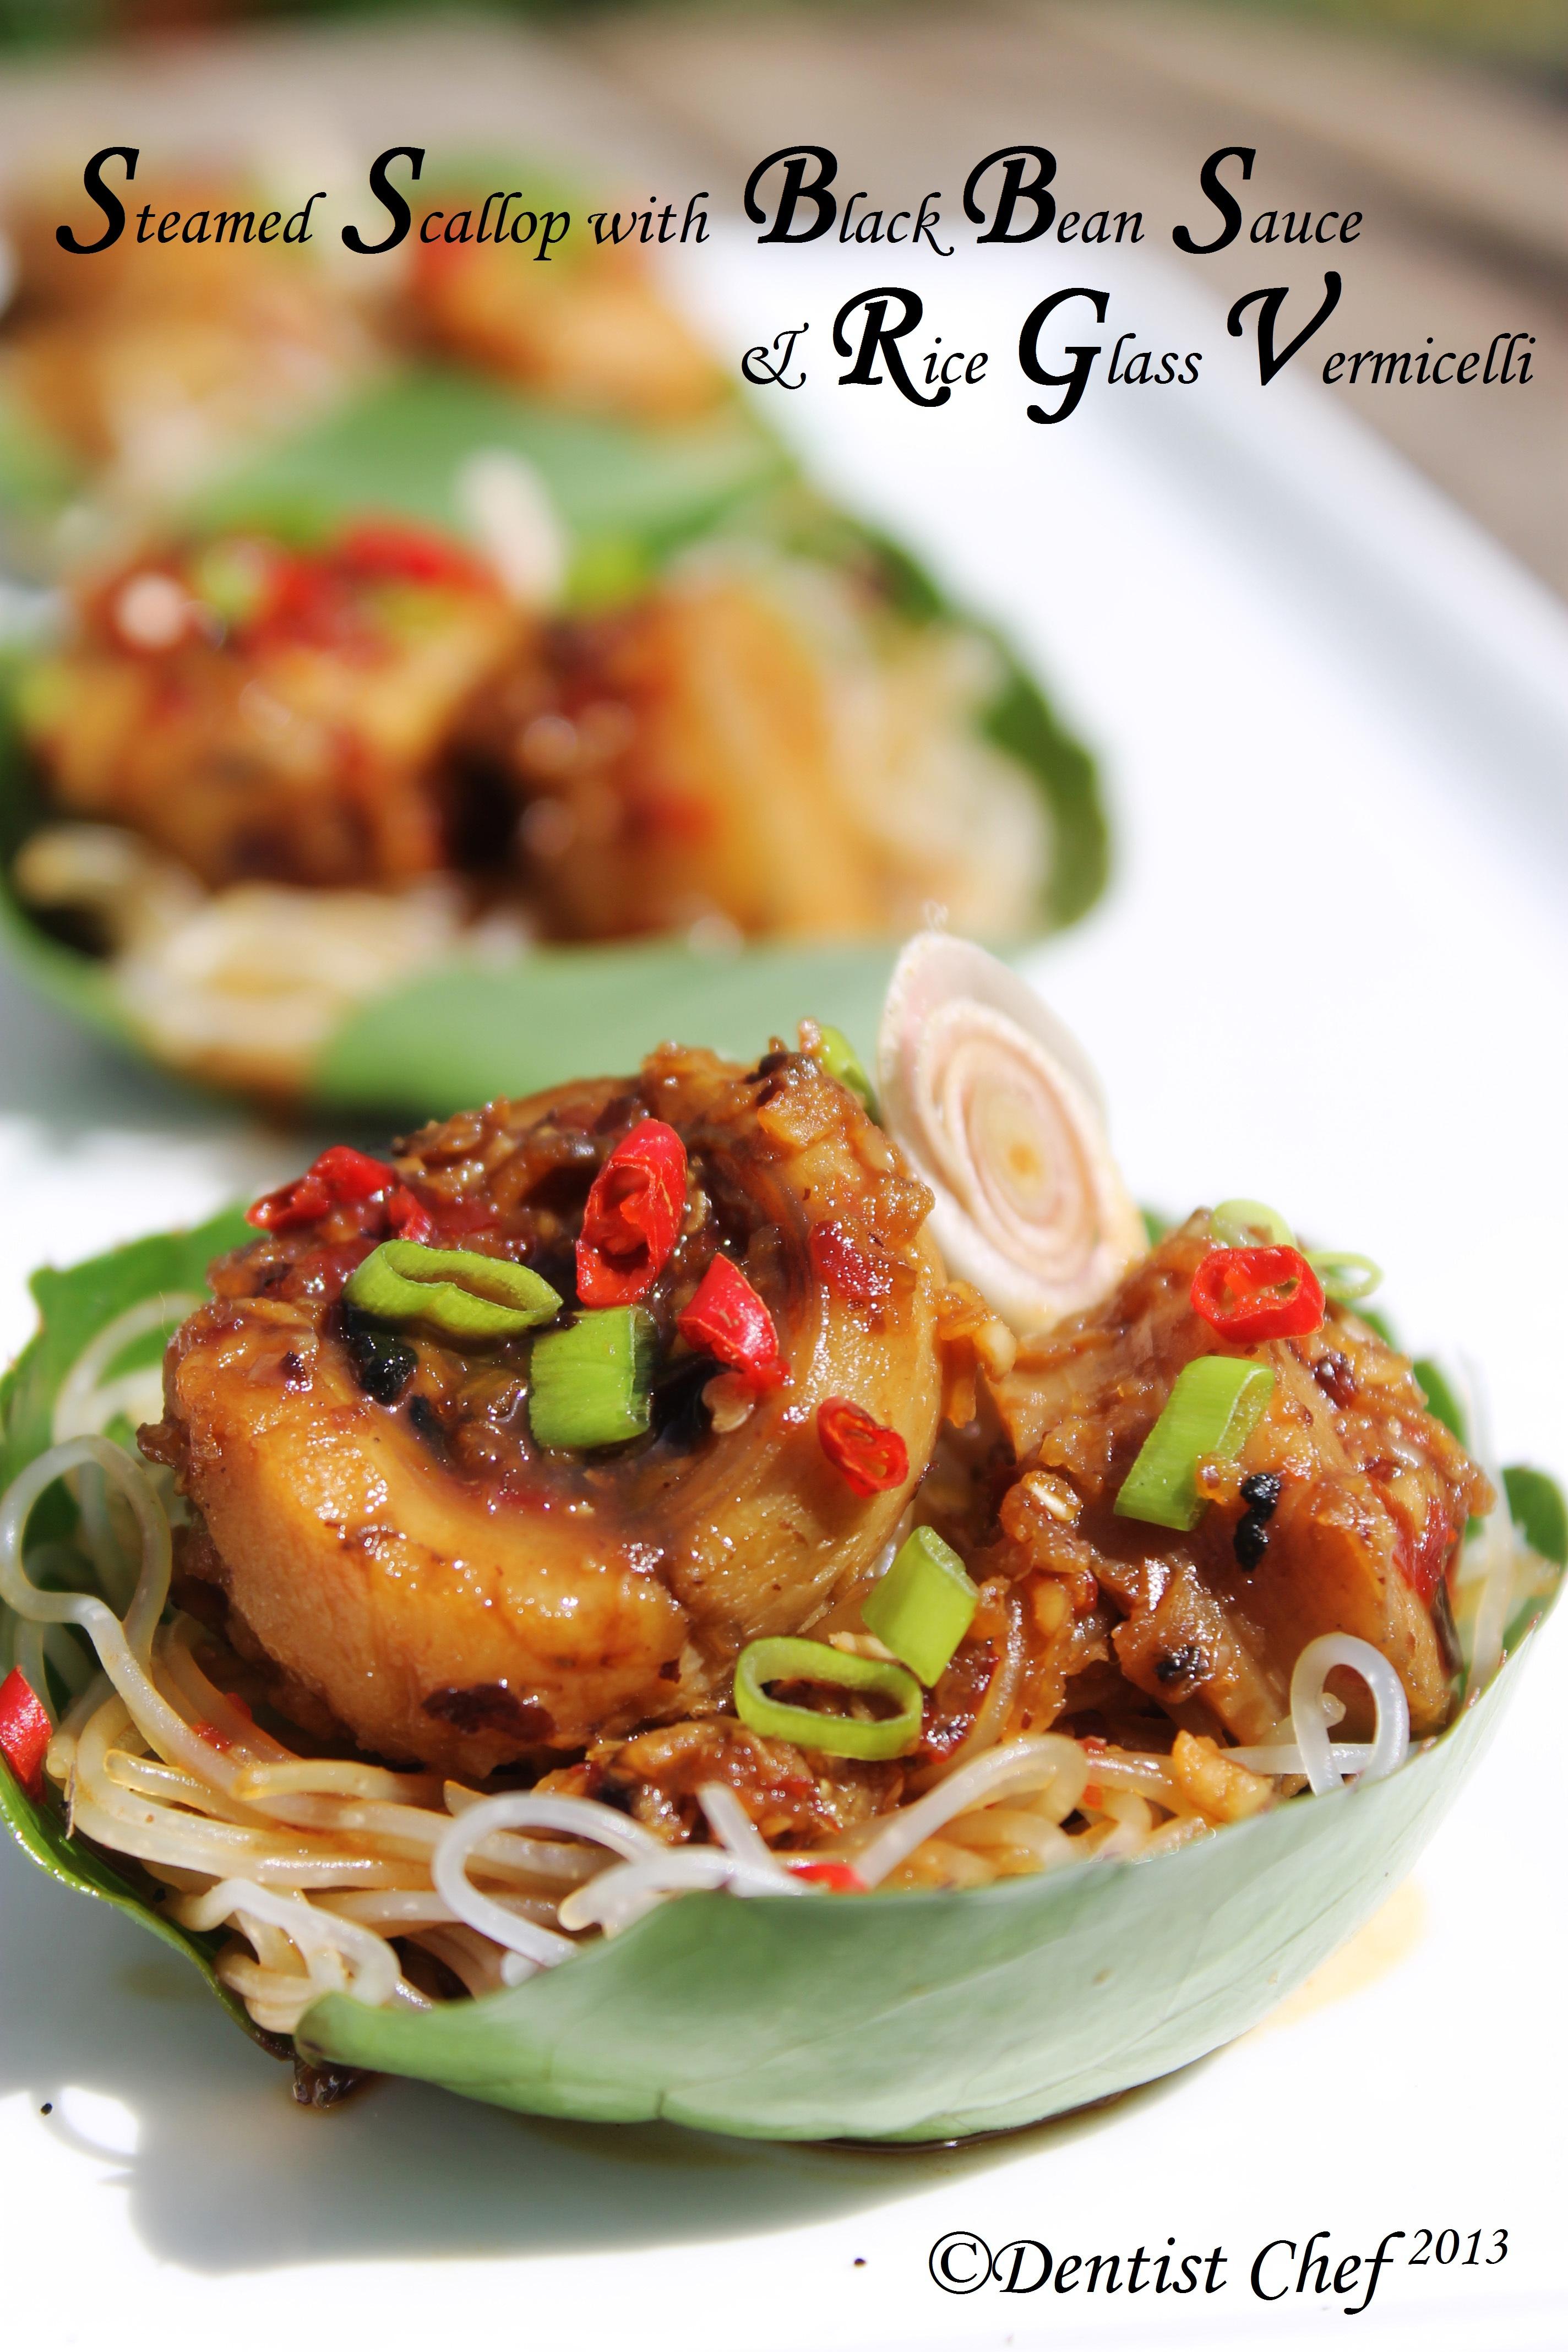 resep masakan vietnam resep manis masakan indonesia Resepi Popia Vietnam Ayam Enak dan Mudah